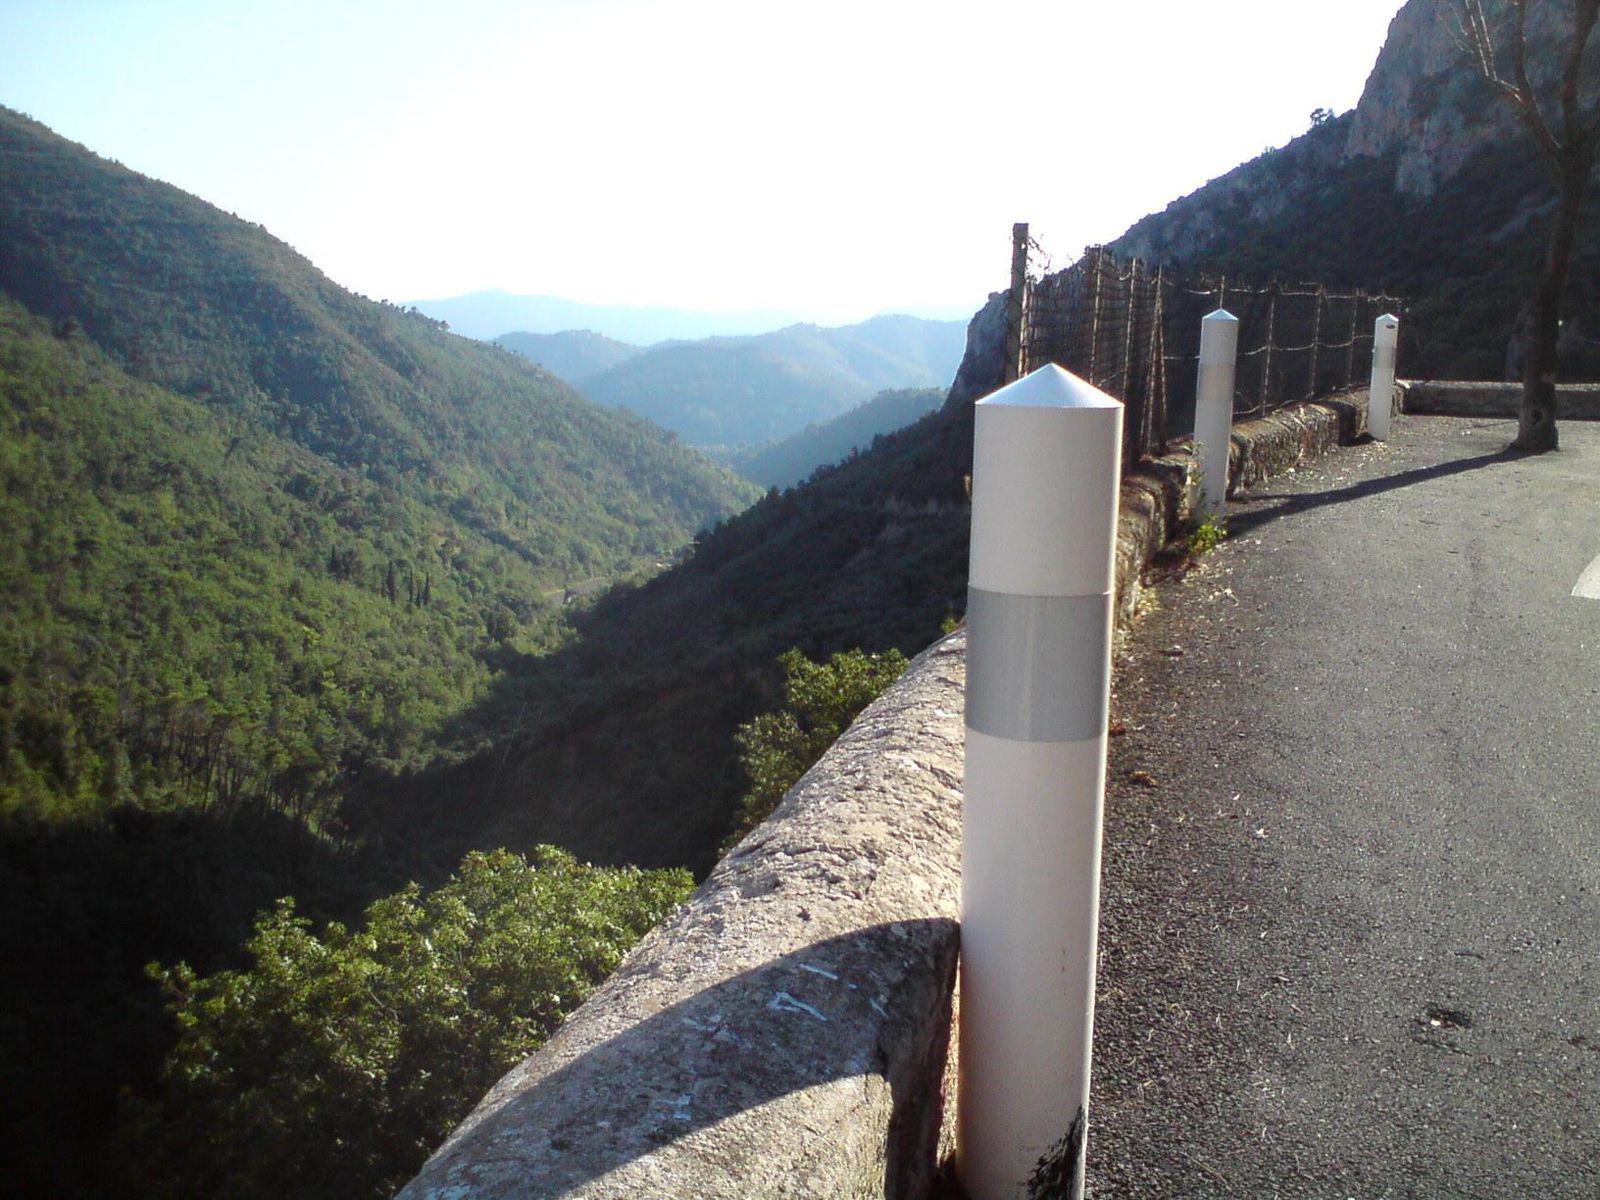 Route de Col de braus_Nice